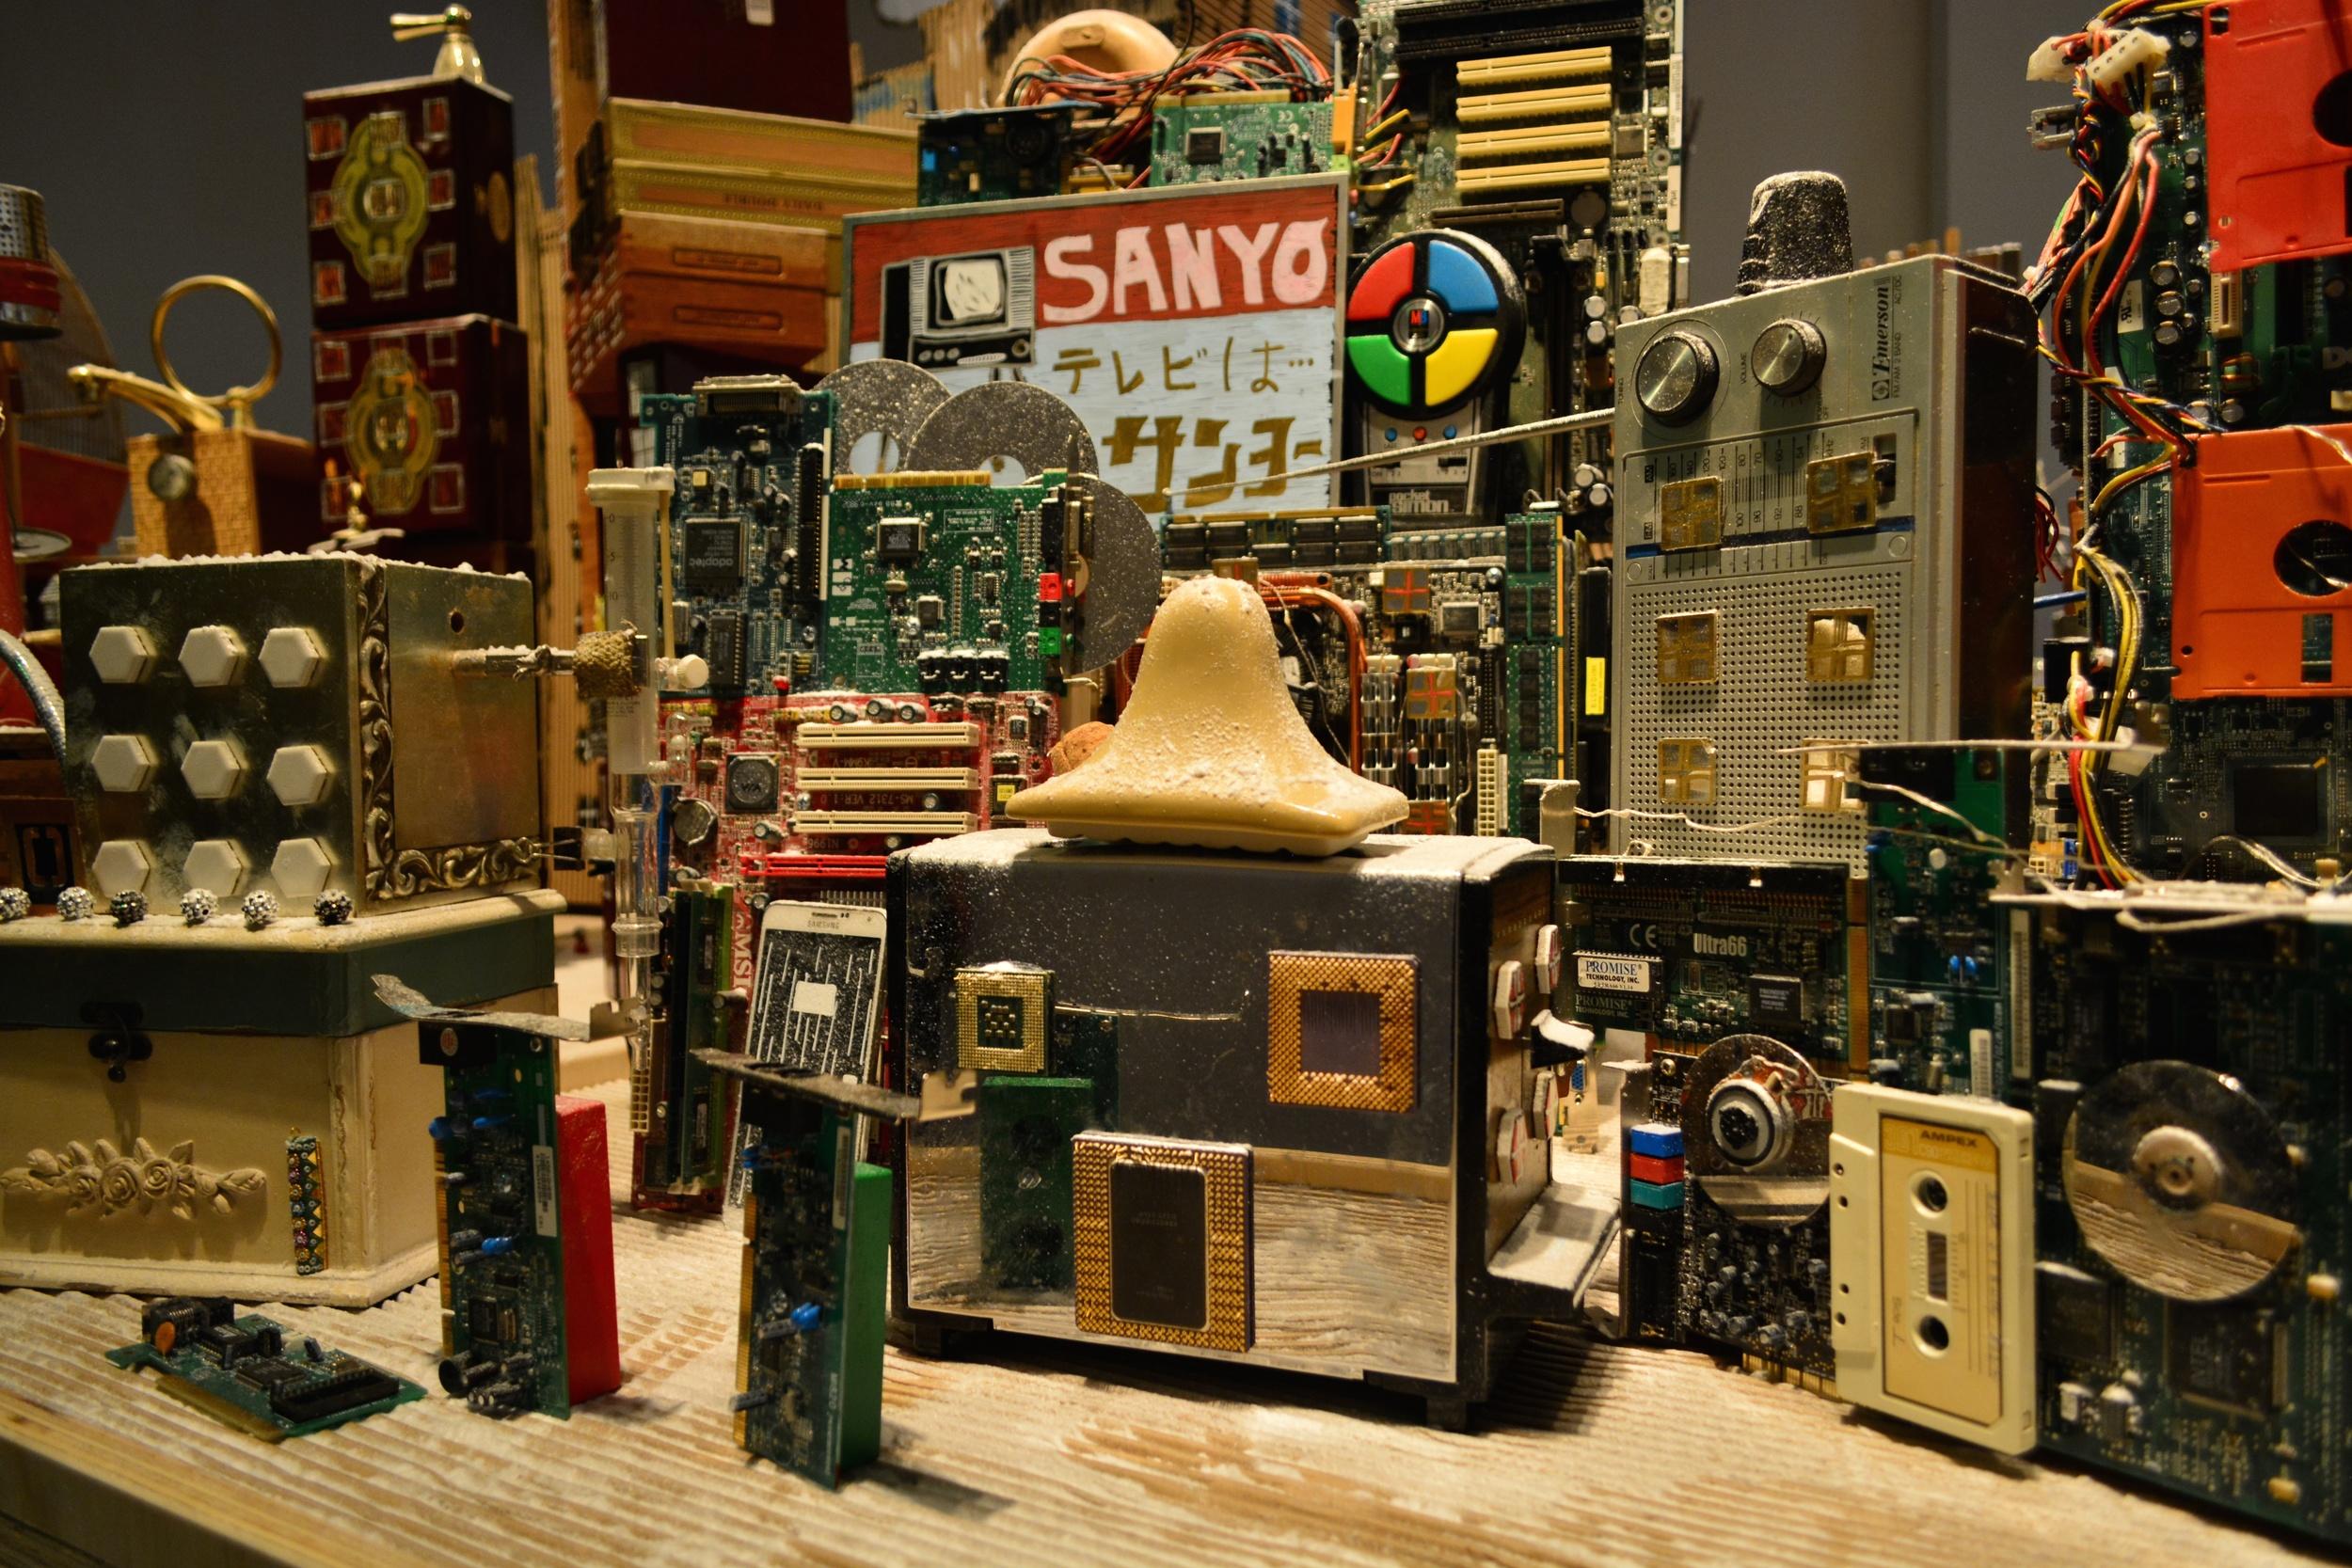 11-15-14 JUNK Exhibit_72.jpg